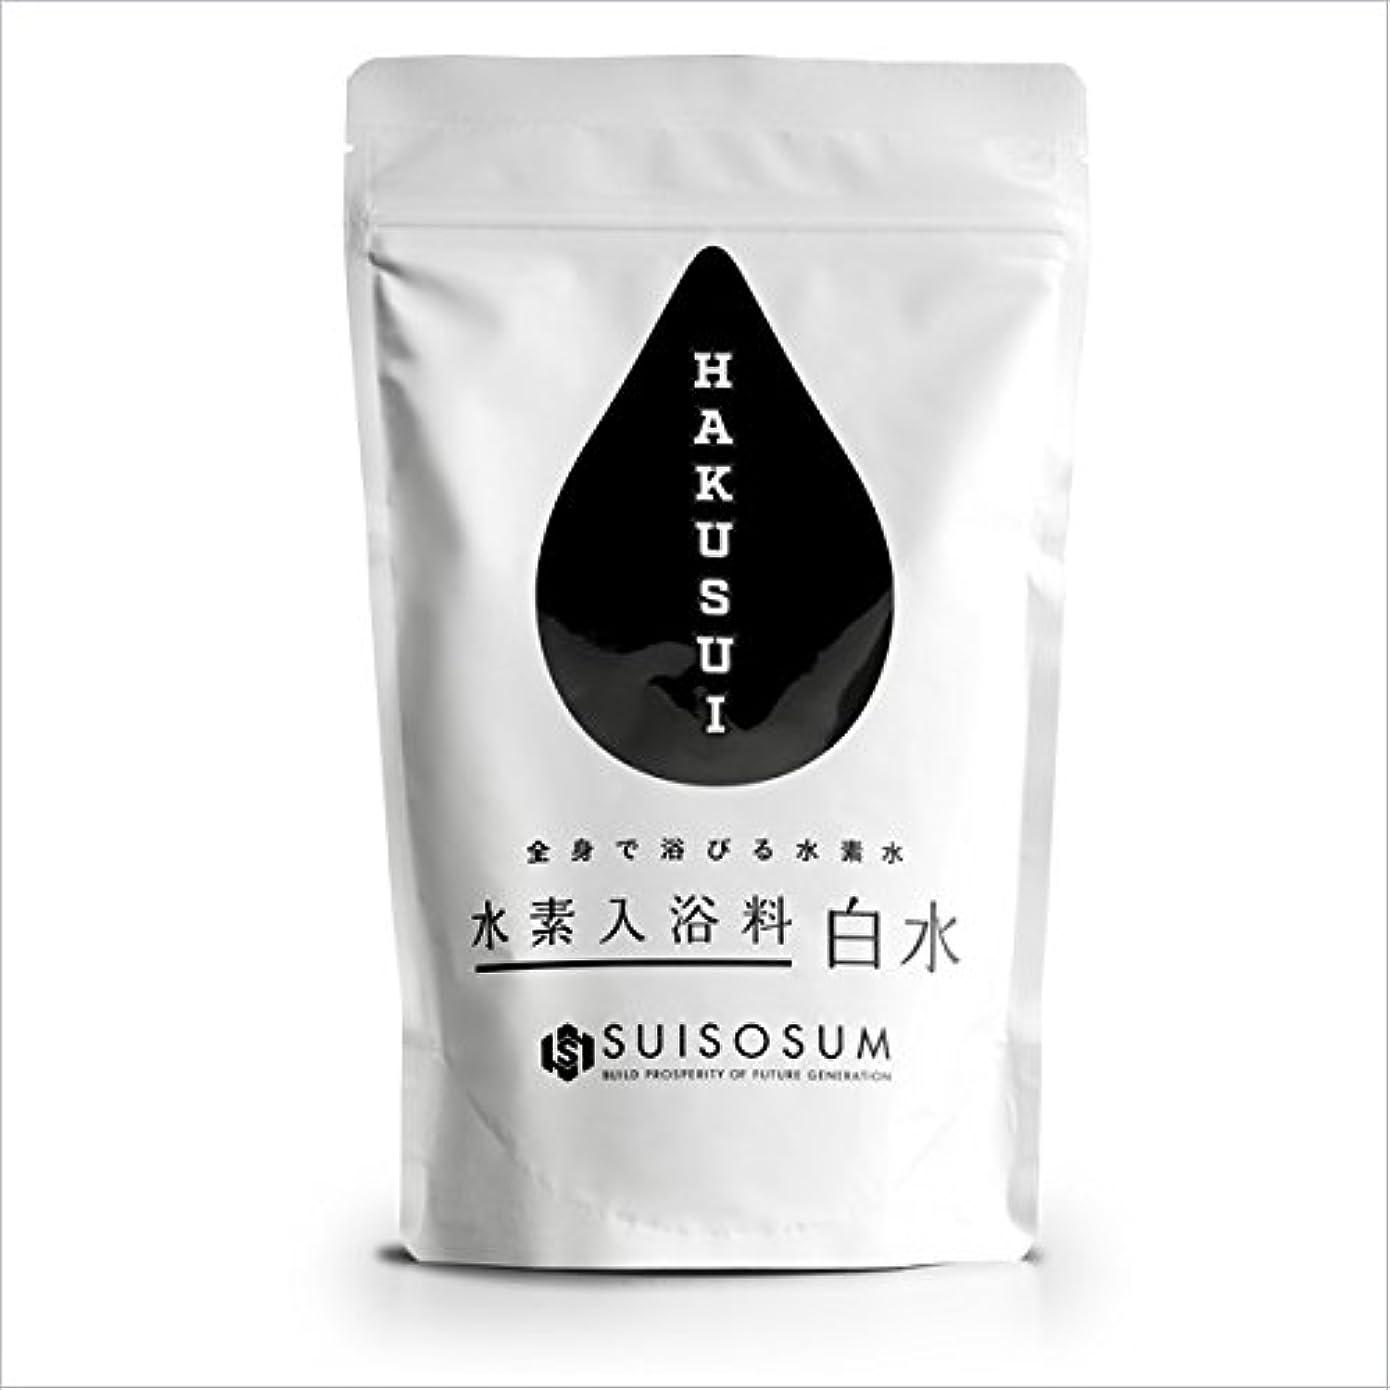 素晴らしい航海安全【HAKUSUI】水素入浴料 白水(750g)